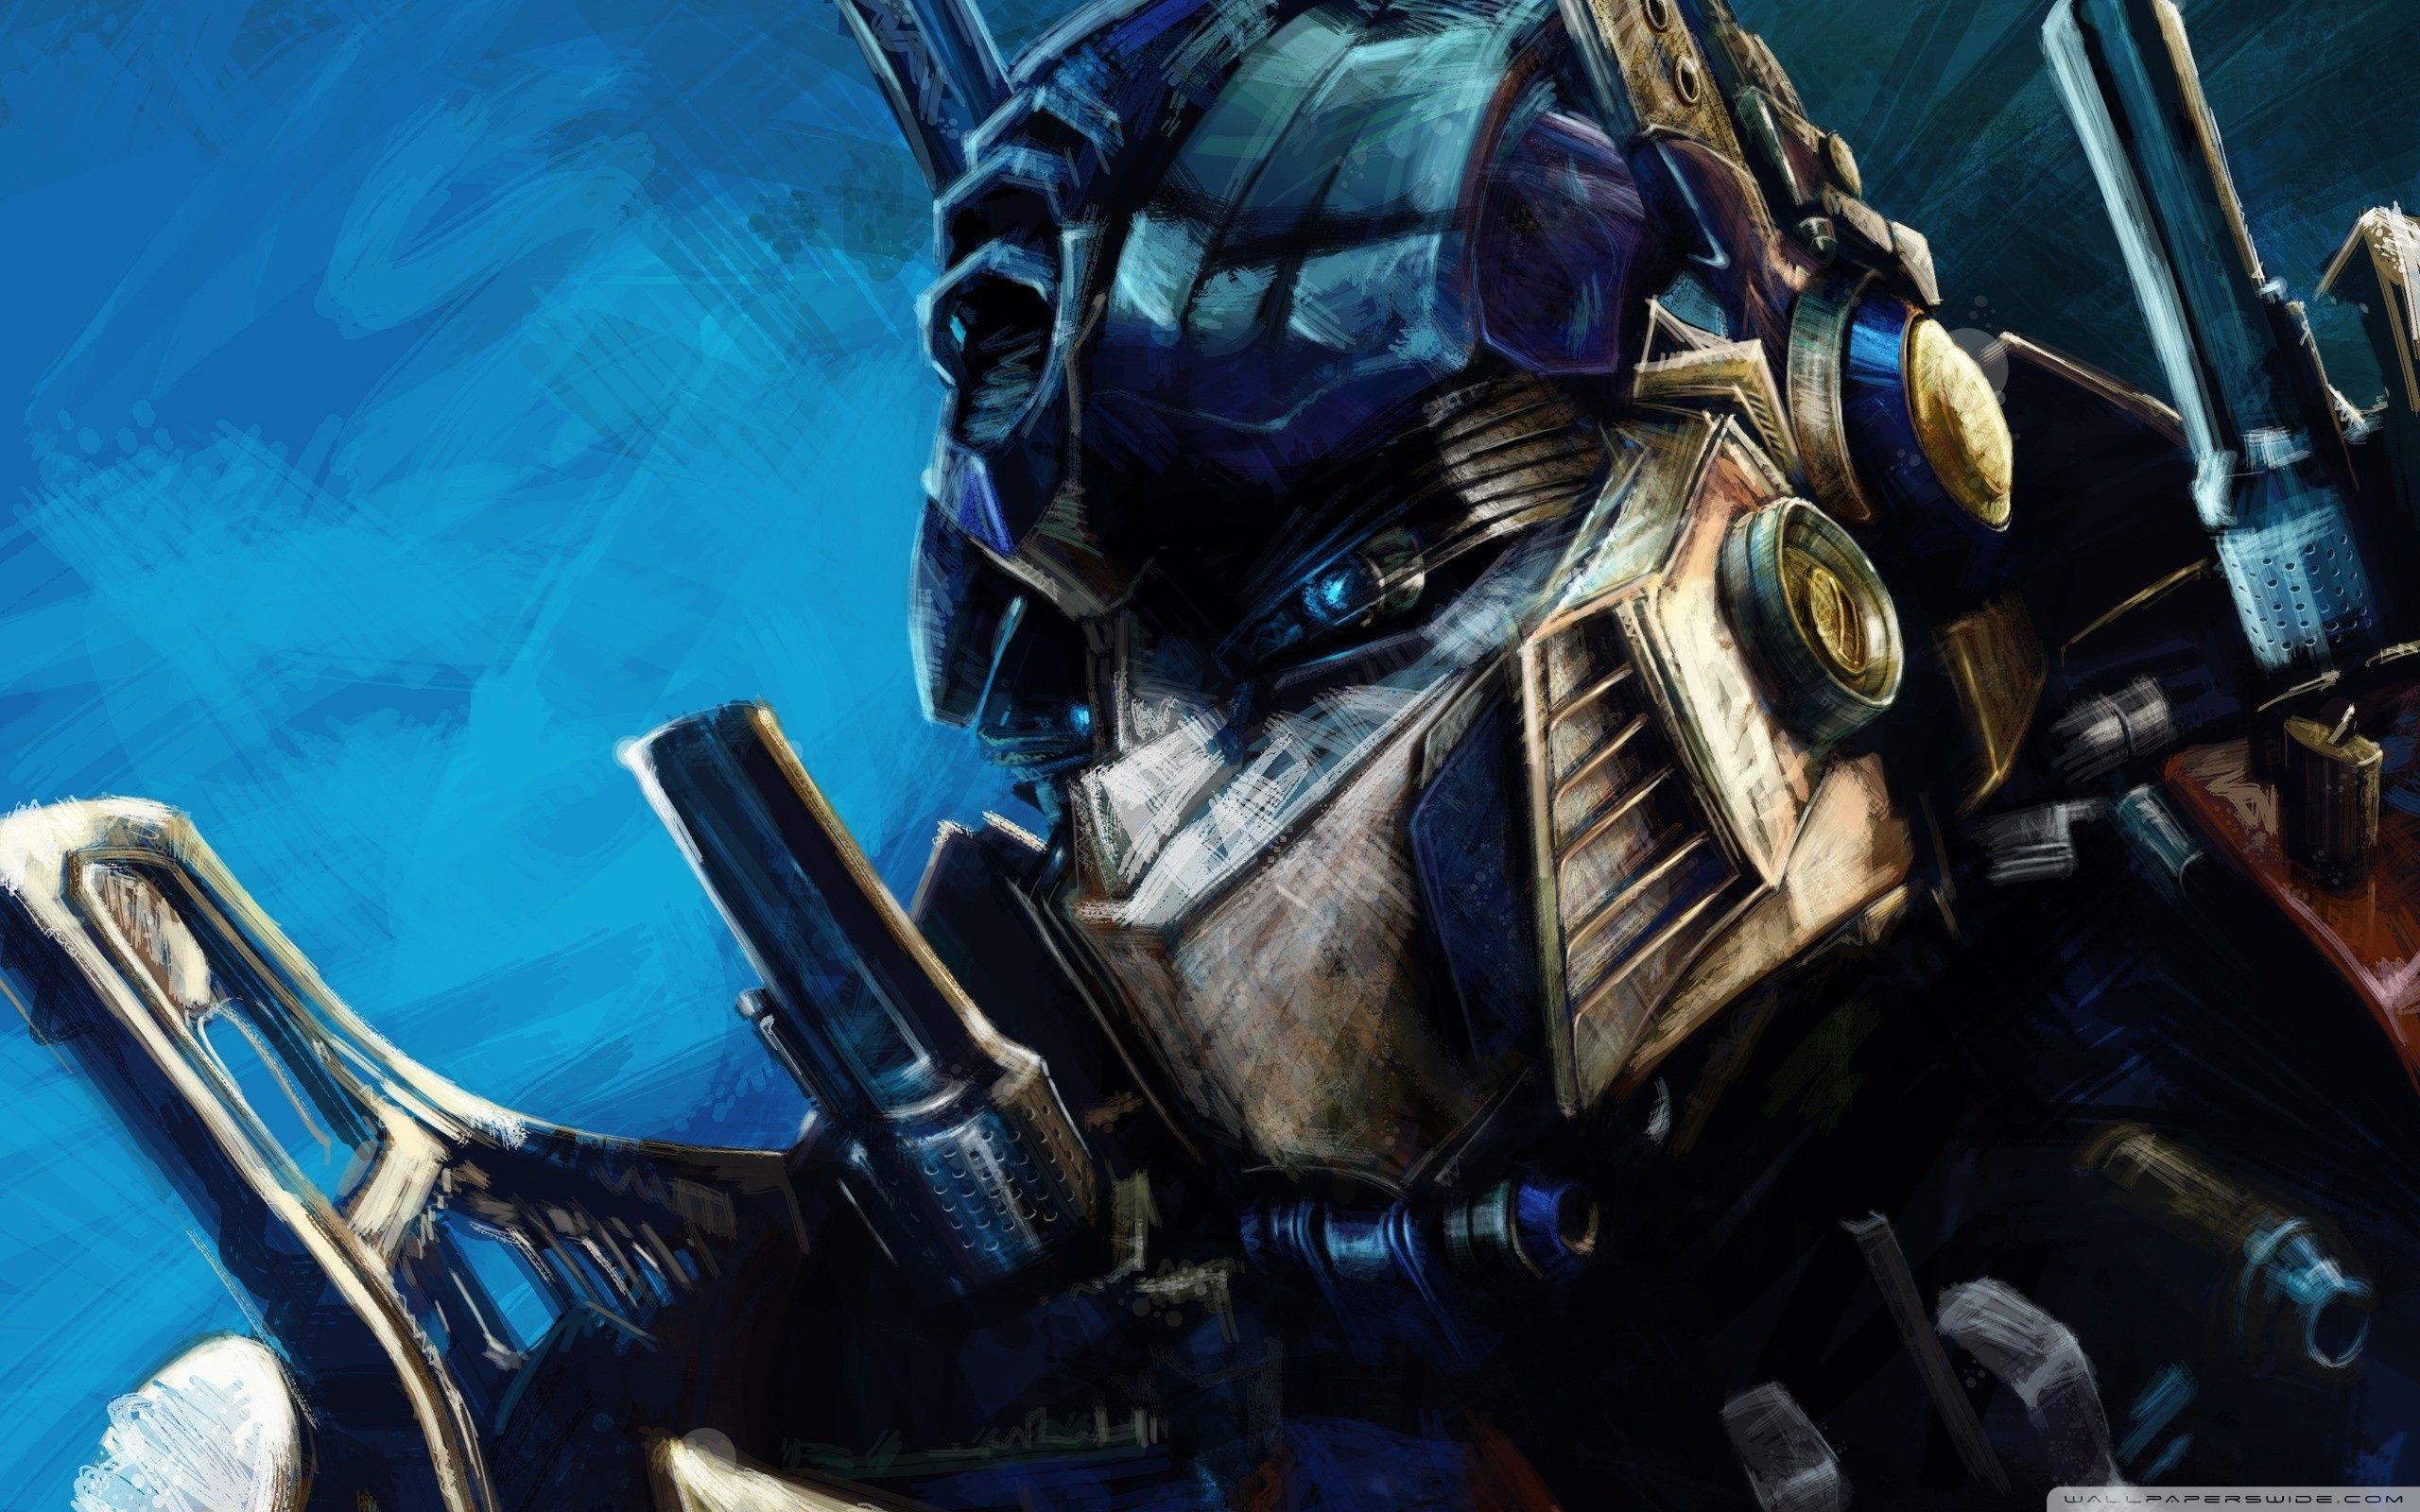 transformers optimus prime artwork hd desktop wallpaper high